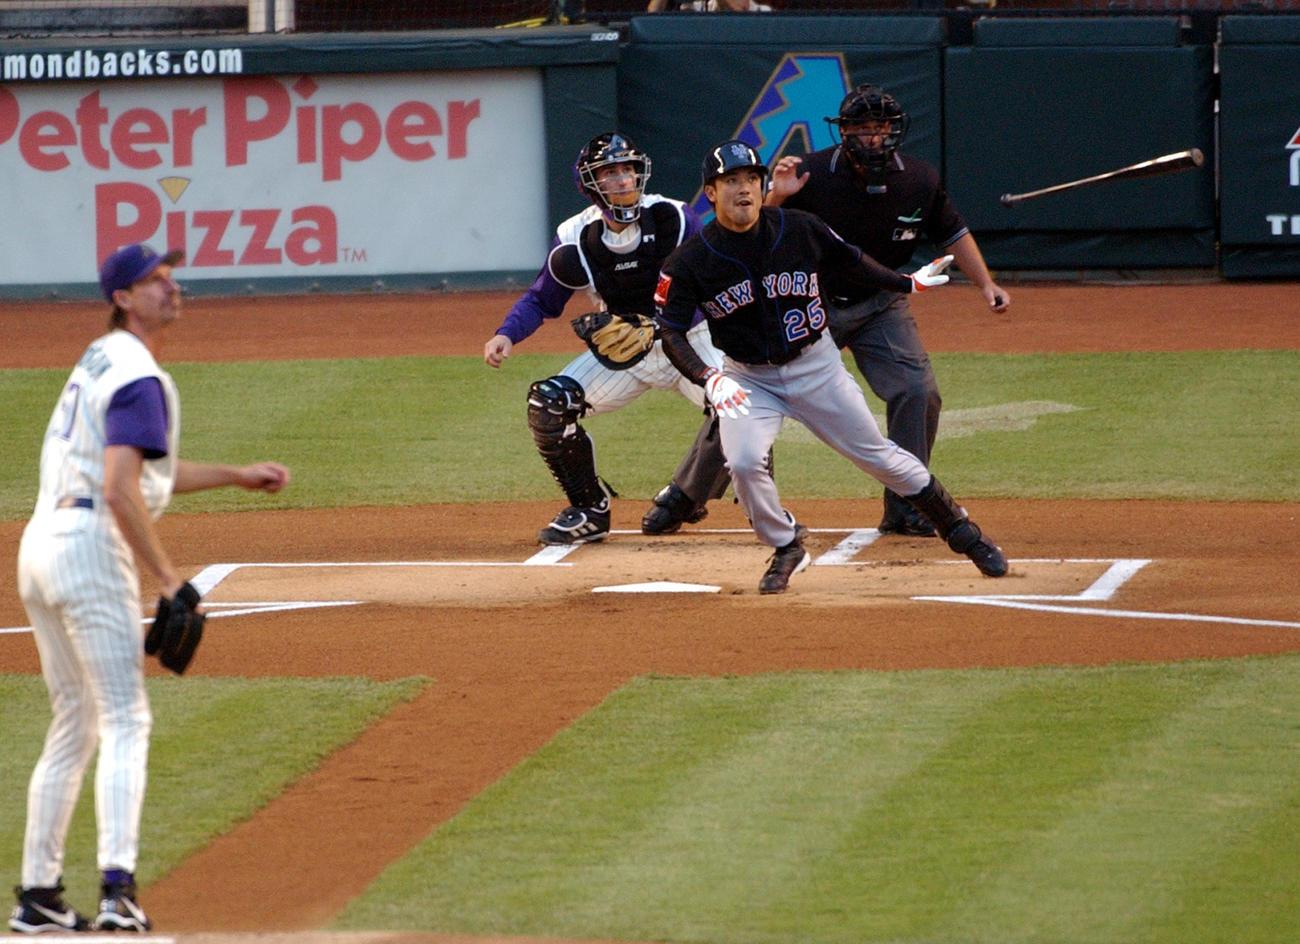 04年5月12日、1回表にメッツ松井稼頭央に先頭打者本塁打を浴びるダイヤモンドバックスのランディ・ジョンソン